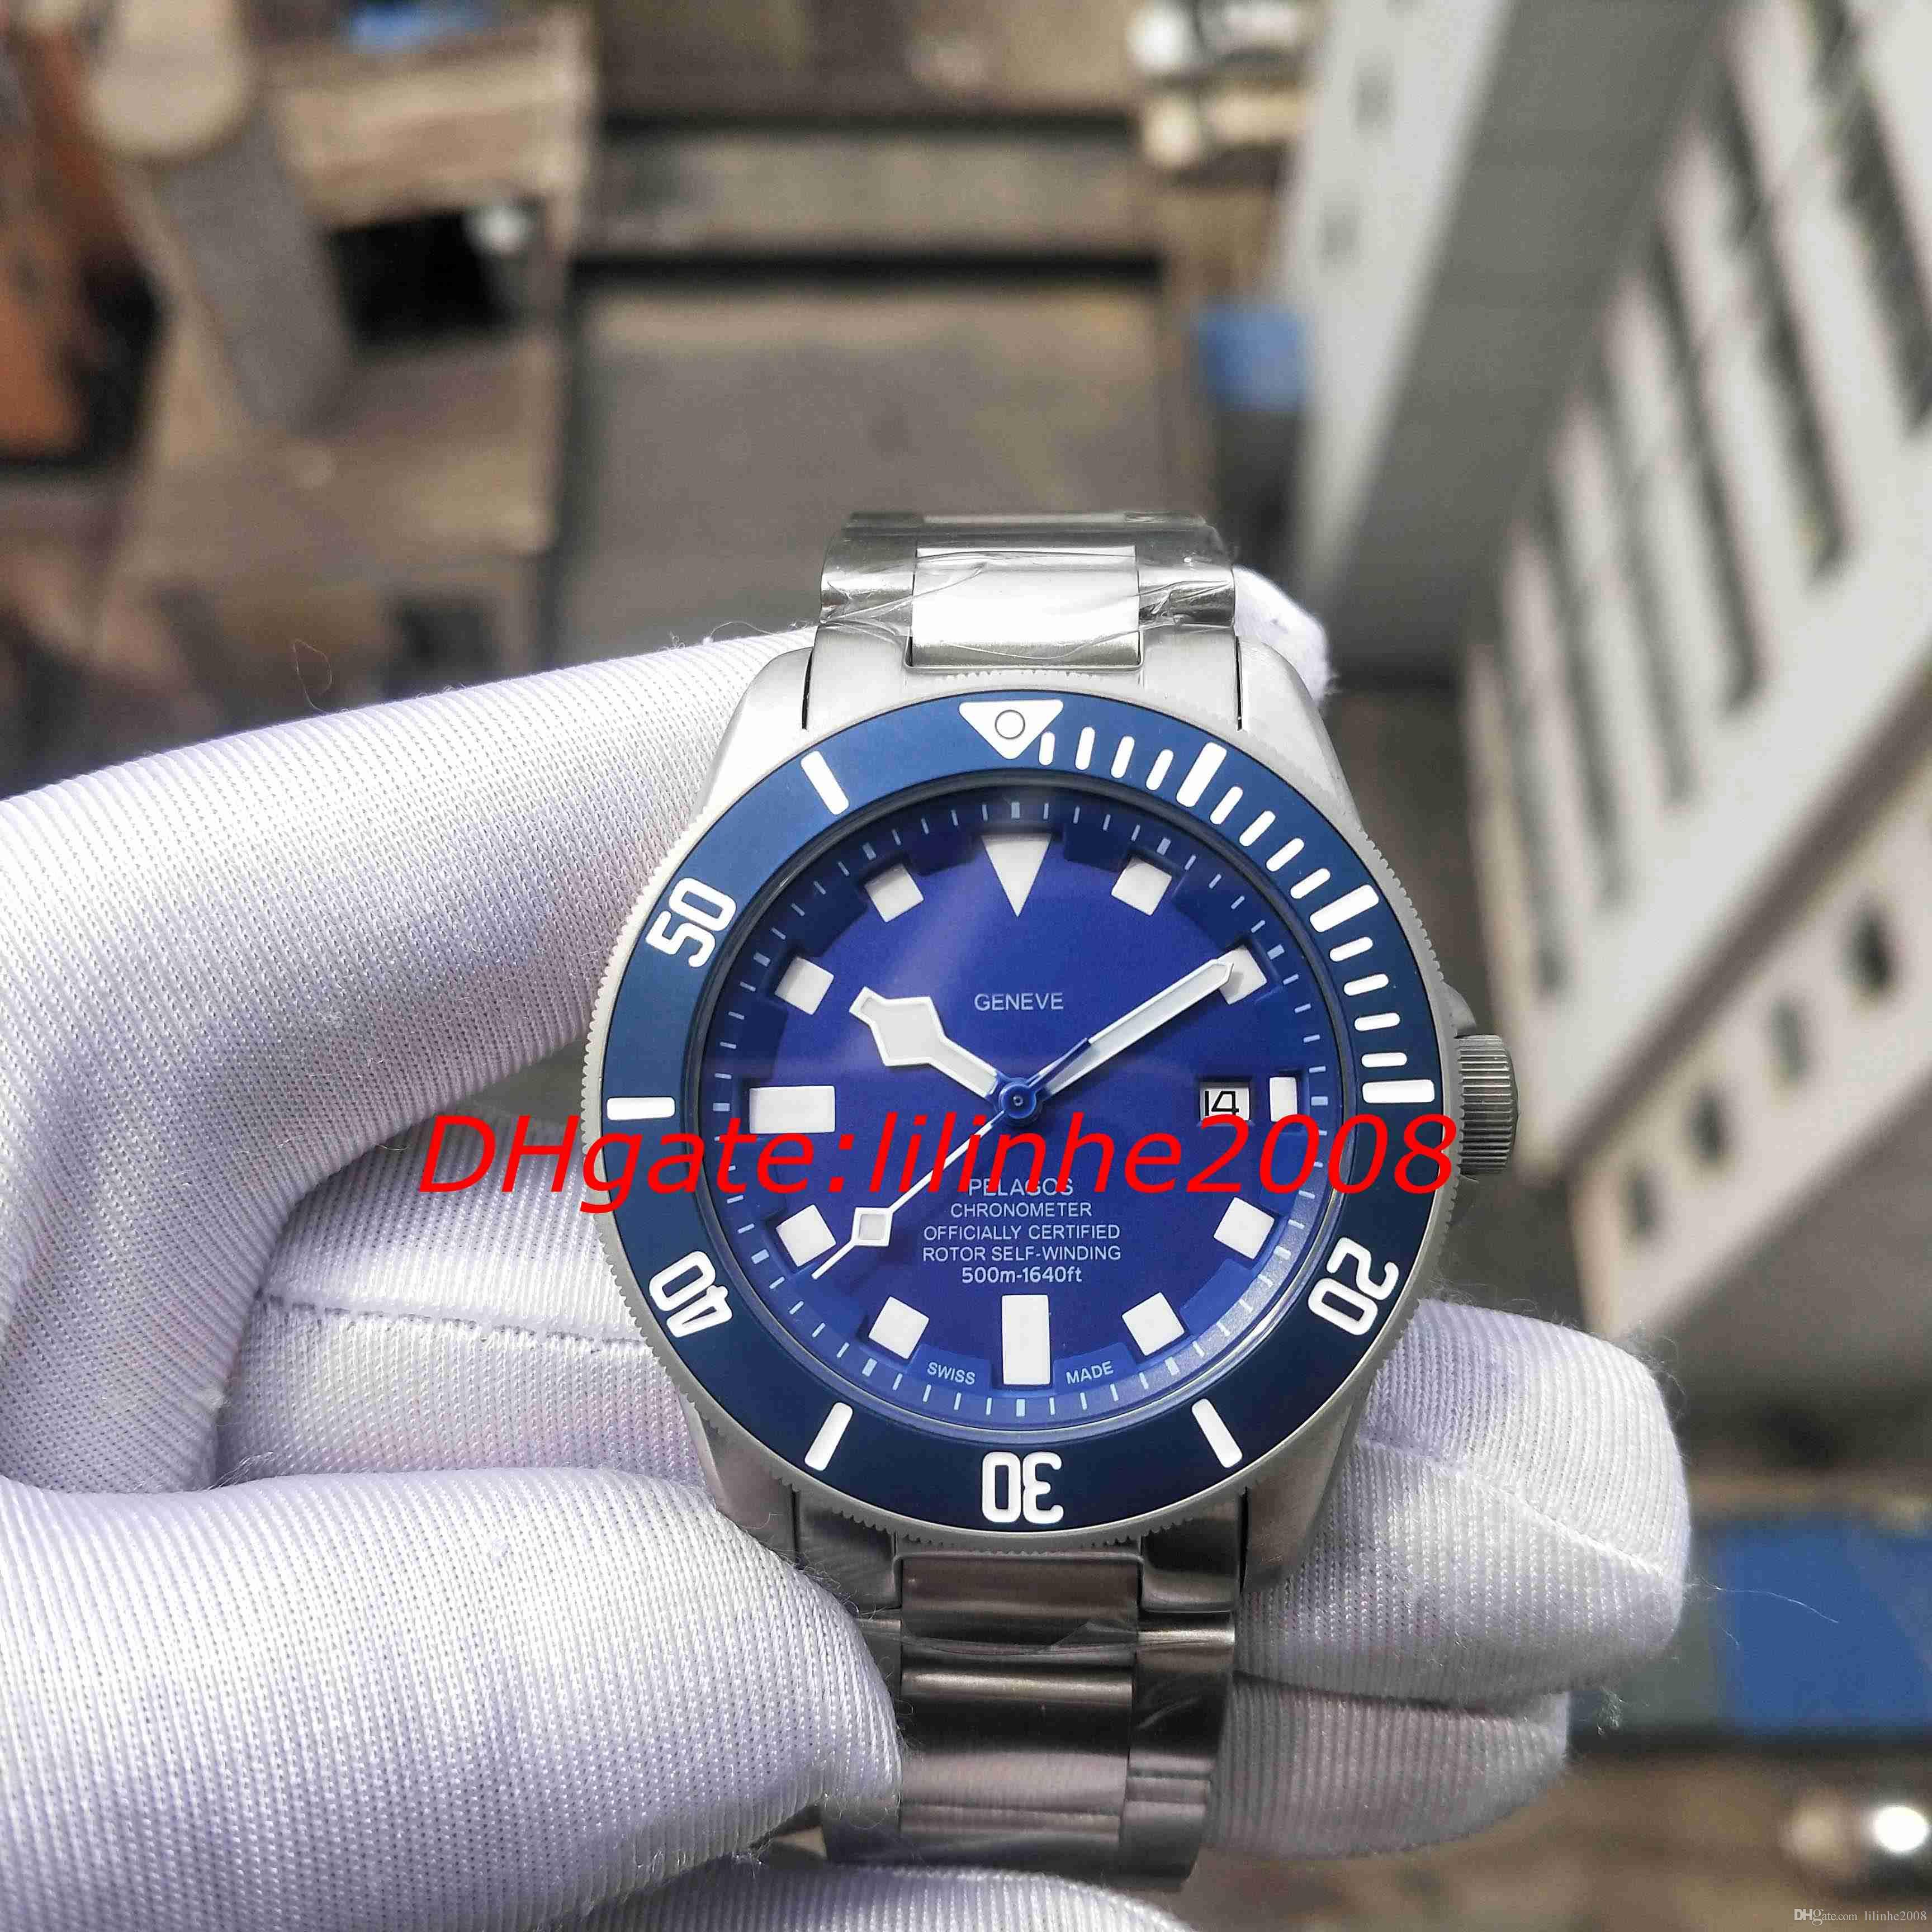 Melhor Qualidade Assista 79230DK 25600TN 25600TB GENEVE Relógios Ásia 2,813 movimento Calendário automático azul mostrador do relógio Masculino Relógio dos homens